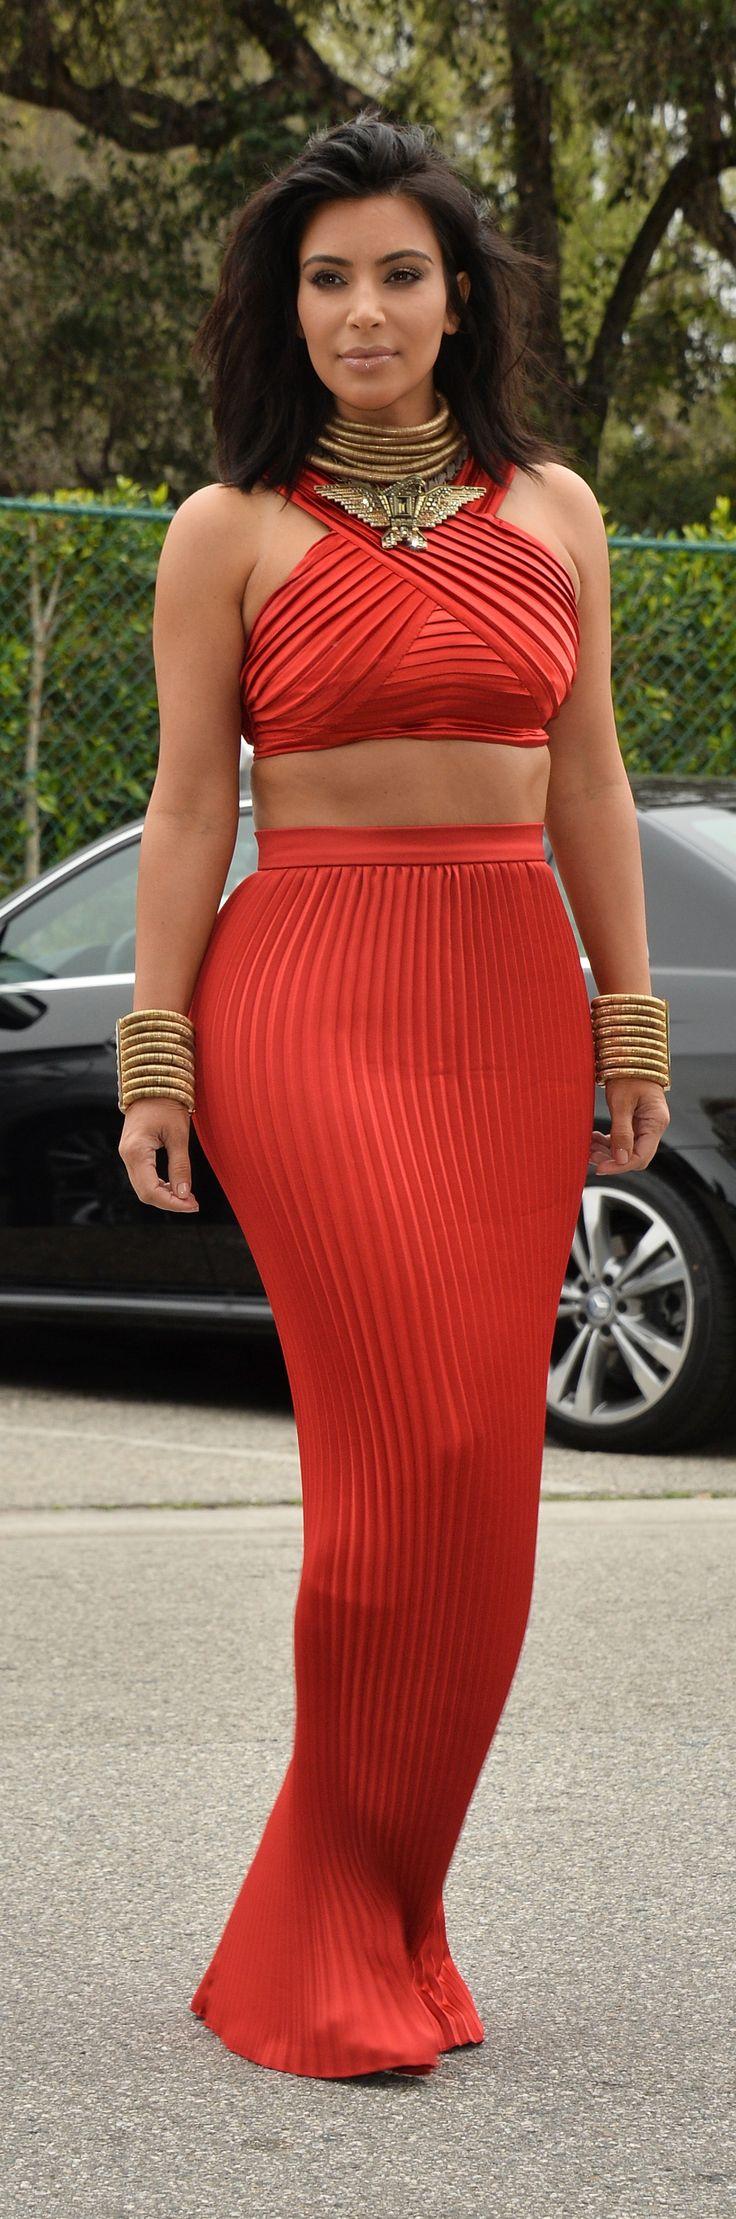 Kim Kardashian wearing a Balmain ensemble at the pre-Grammy brunch.